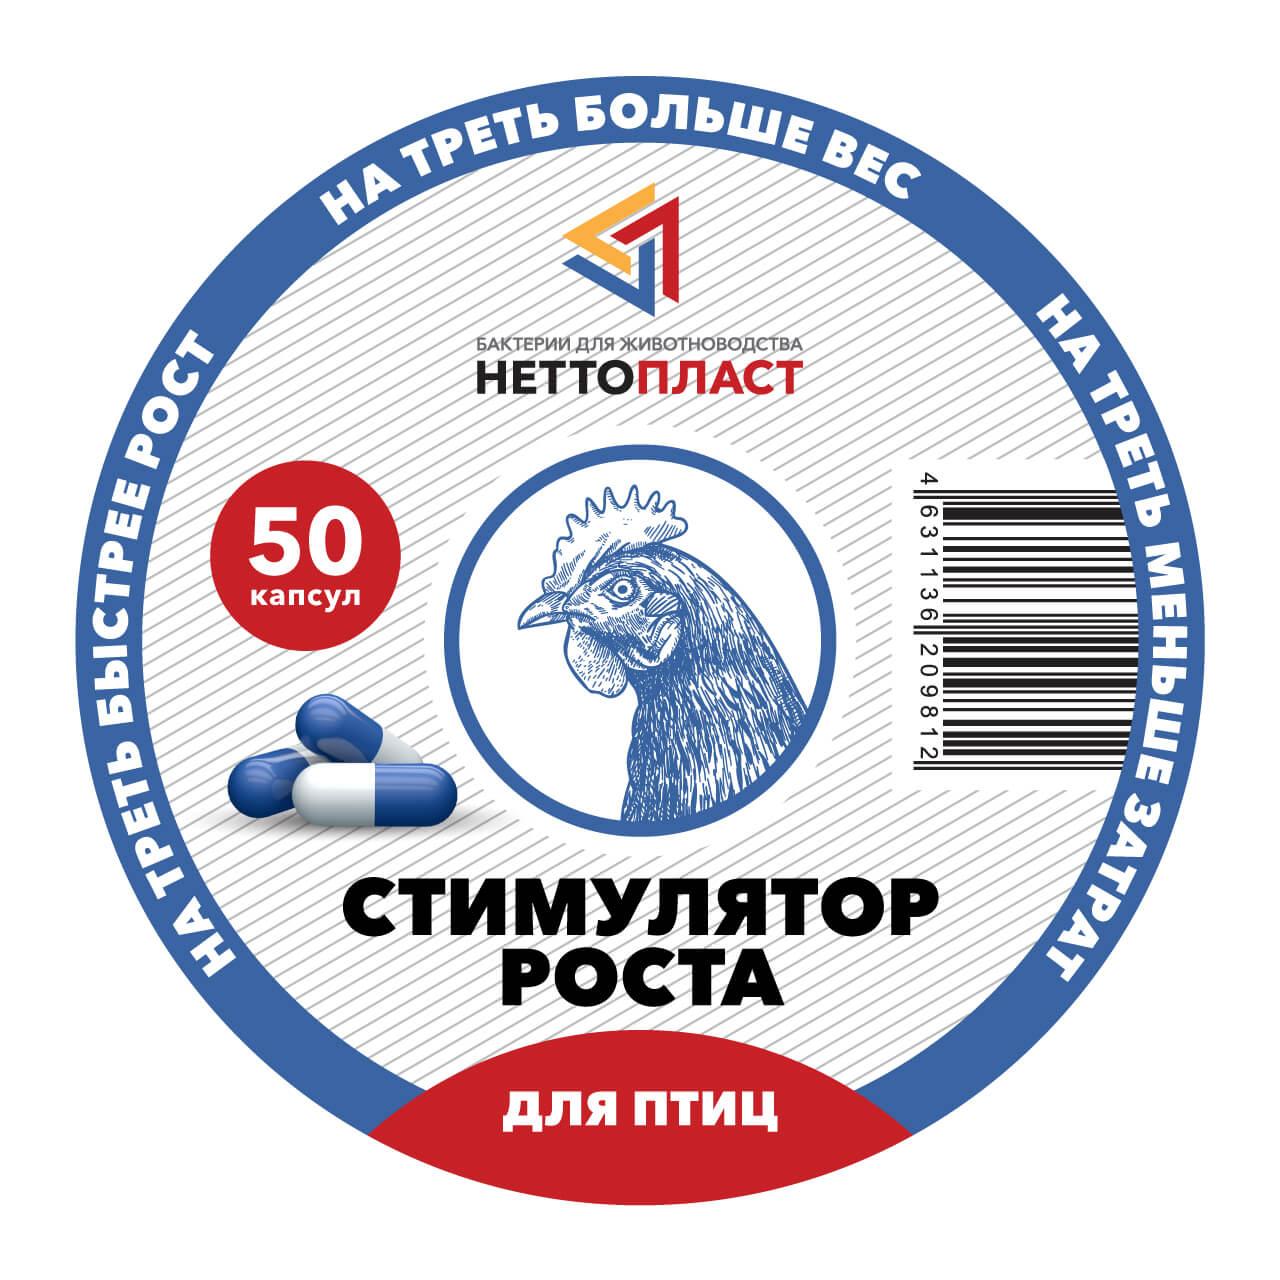 Стимулятор роста 50 капсул купить в Краснодаре